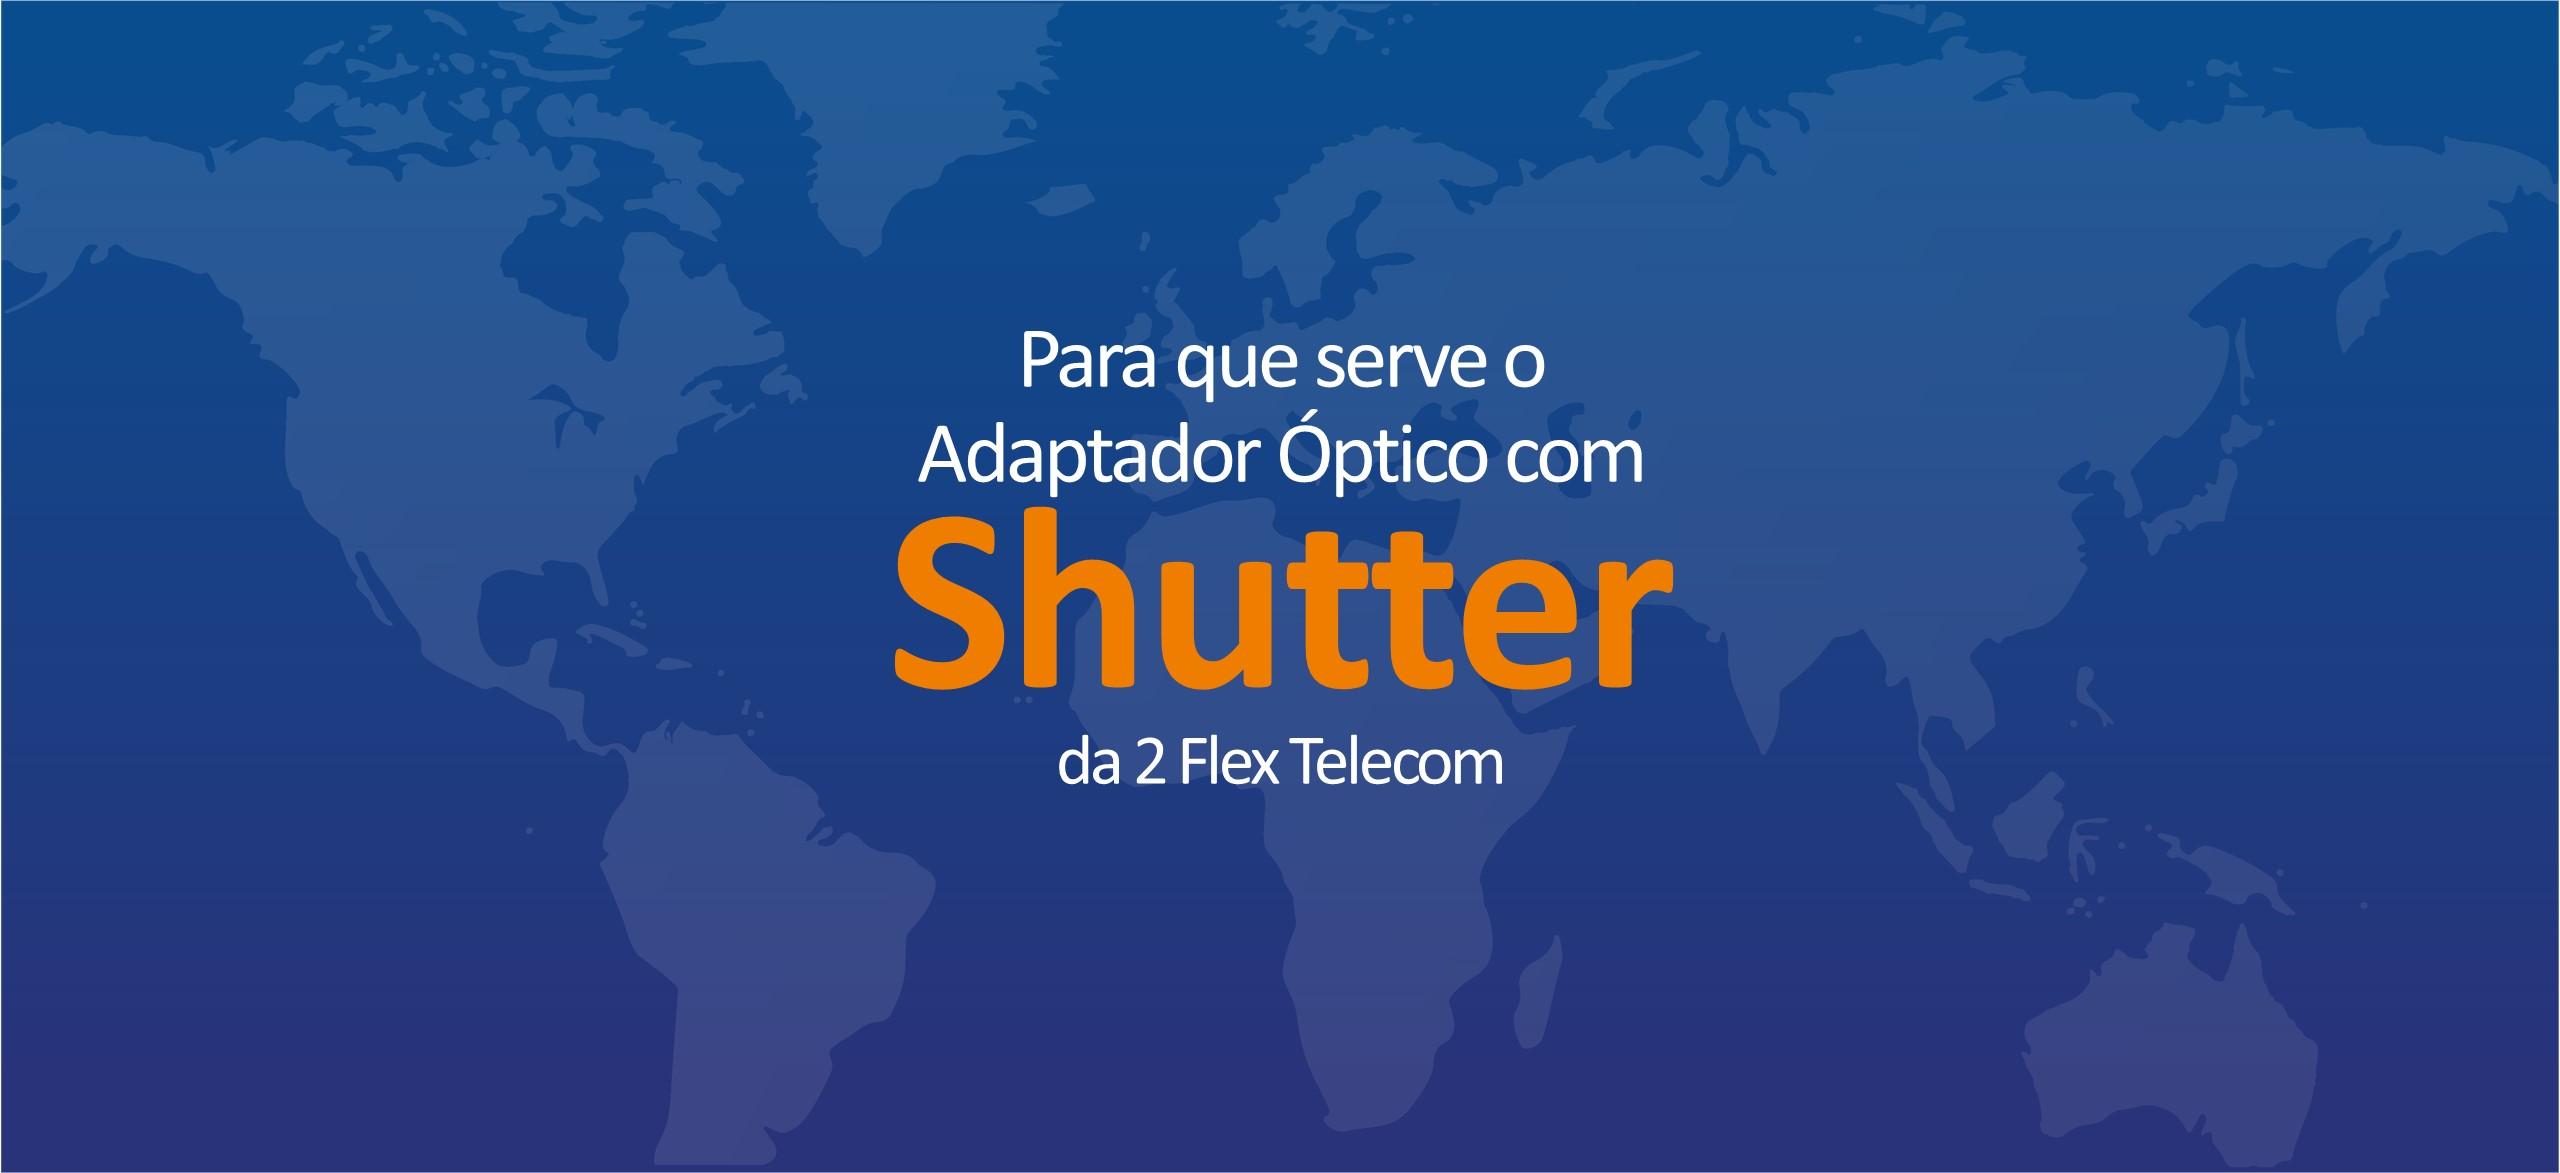 Para que serve o  Adaptador Óptico com Shutter